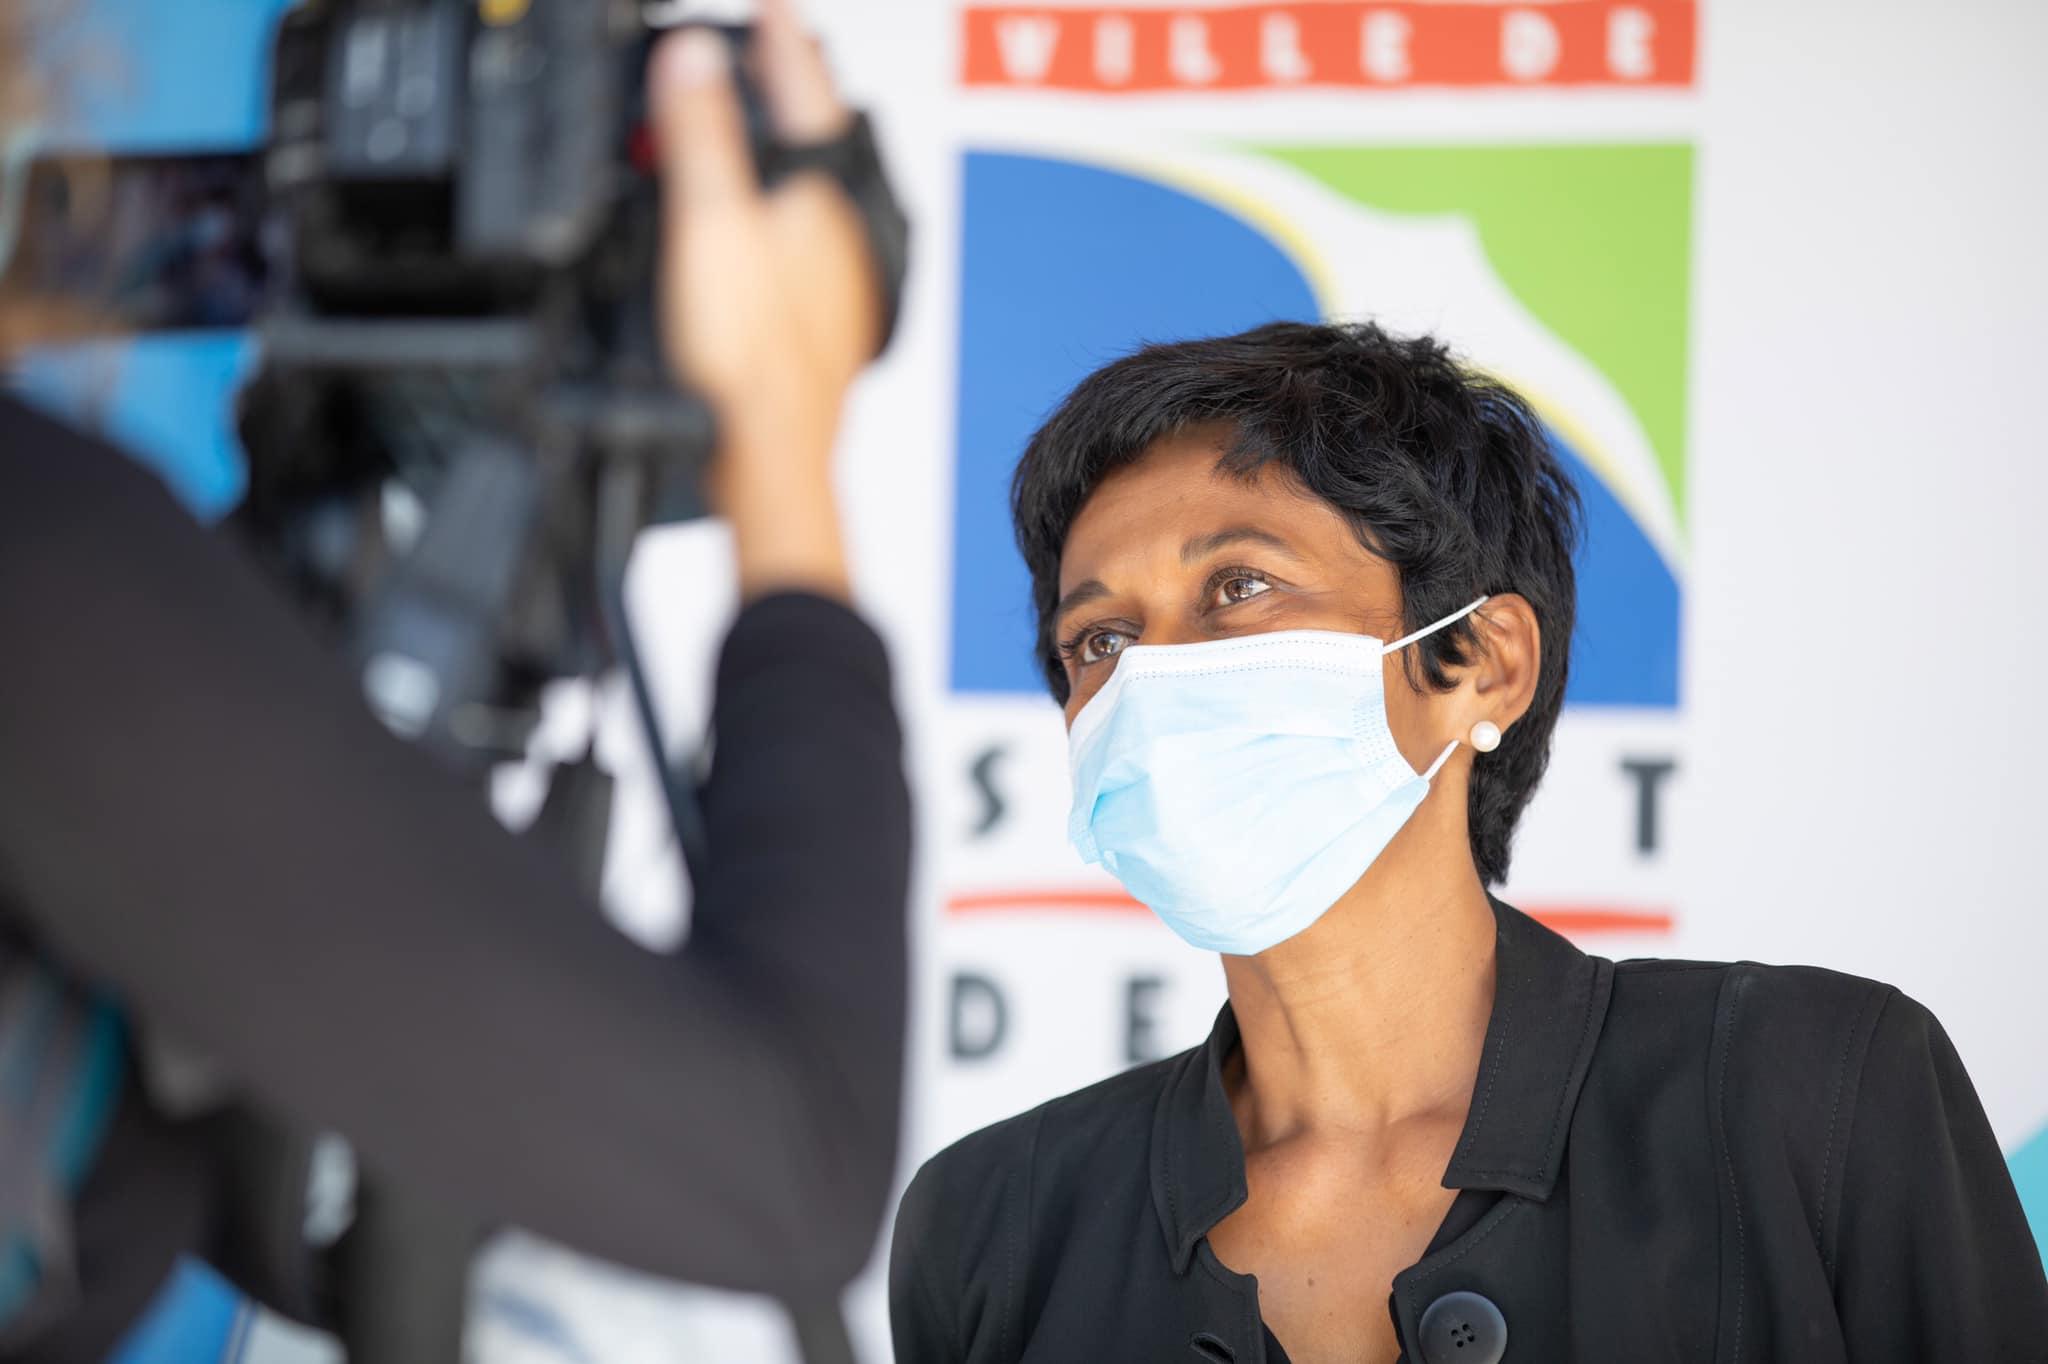 La Réunion :  Ericka Bareigts, plaide « une stratégie réunionnaise de lutte contre la Covid-19 »